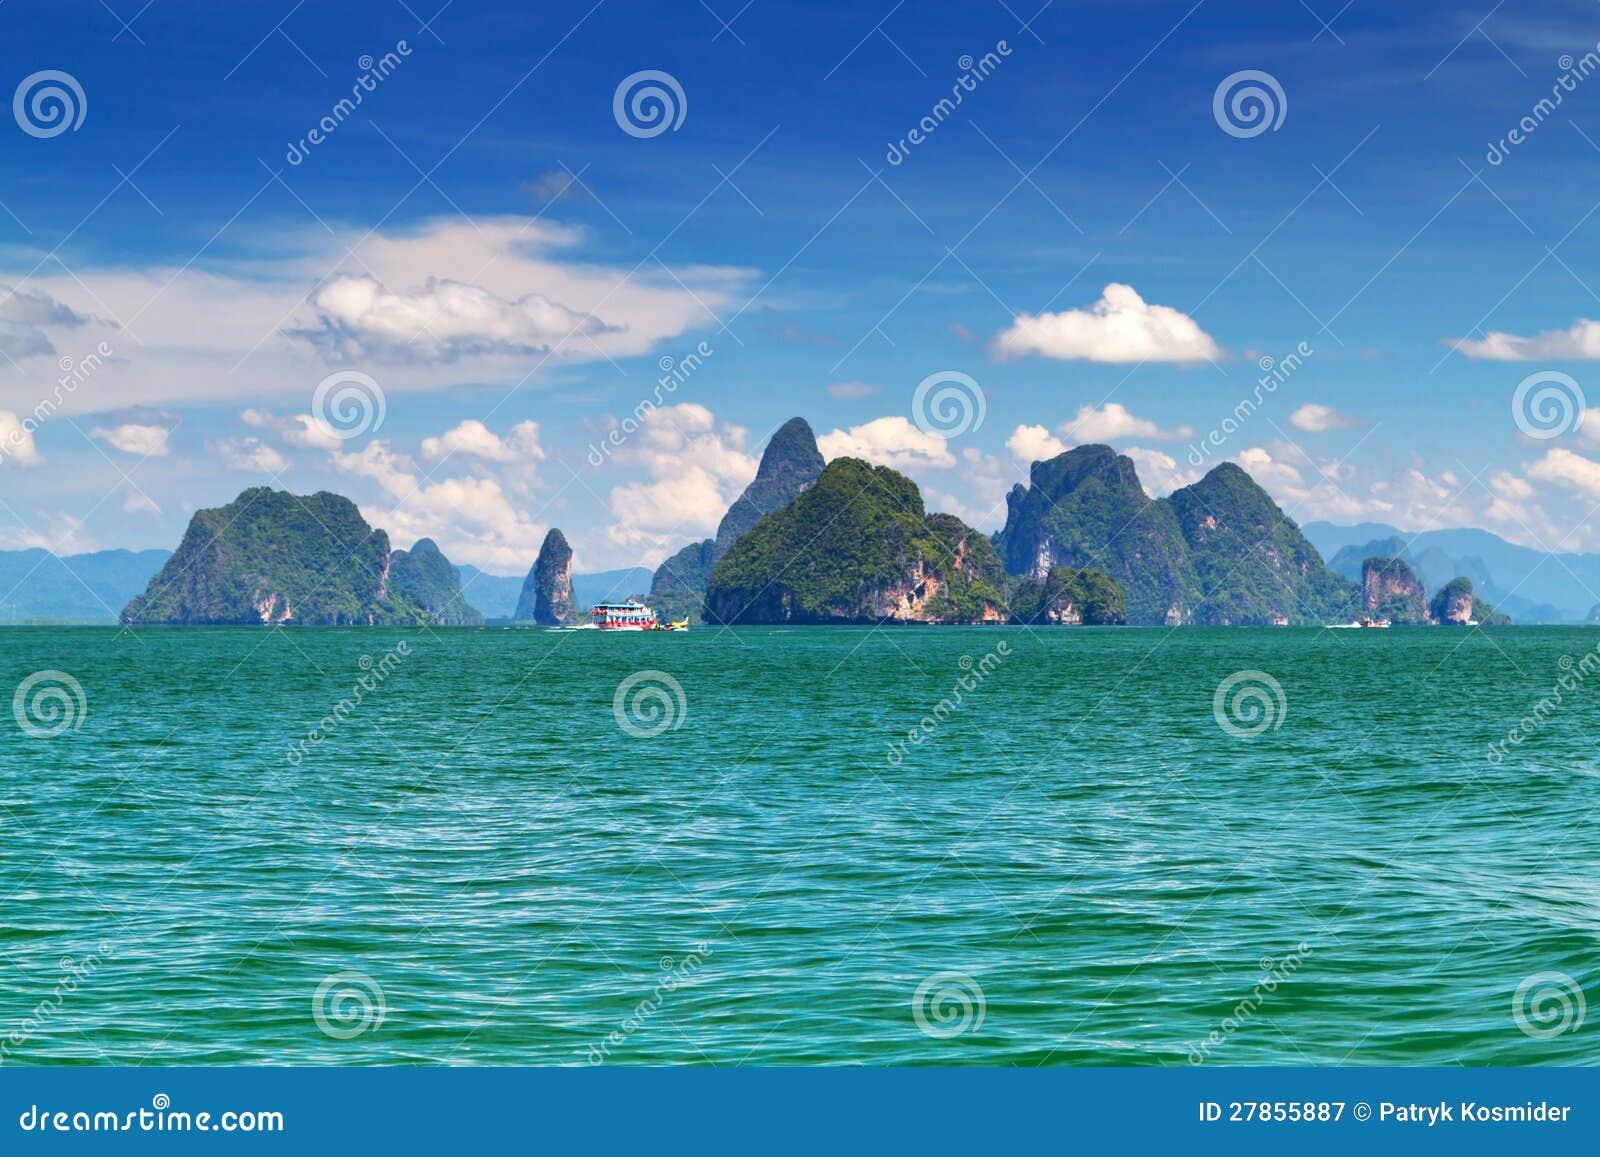 Zadziwiająca sceneria Park Narodowy na Phang Nga Zatoce